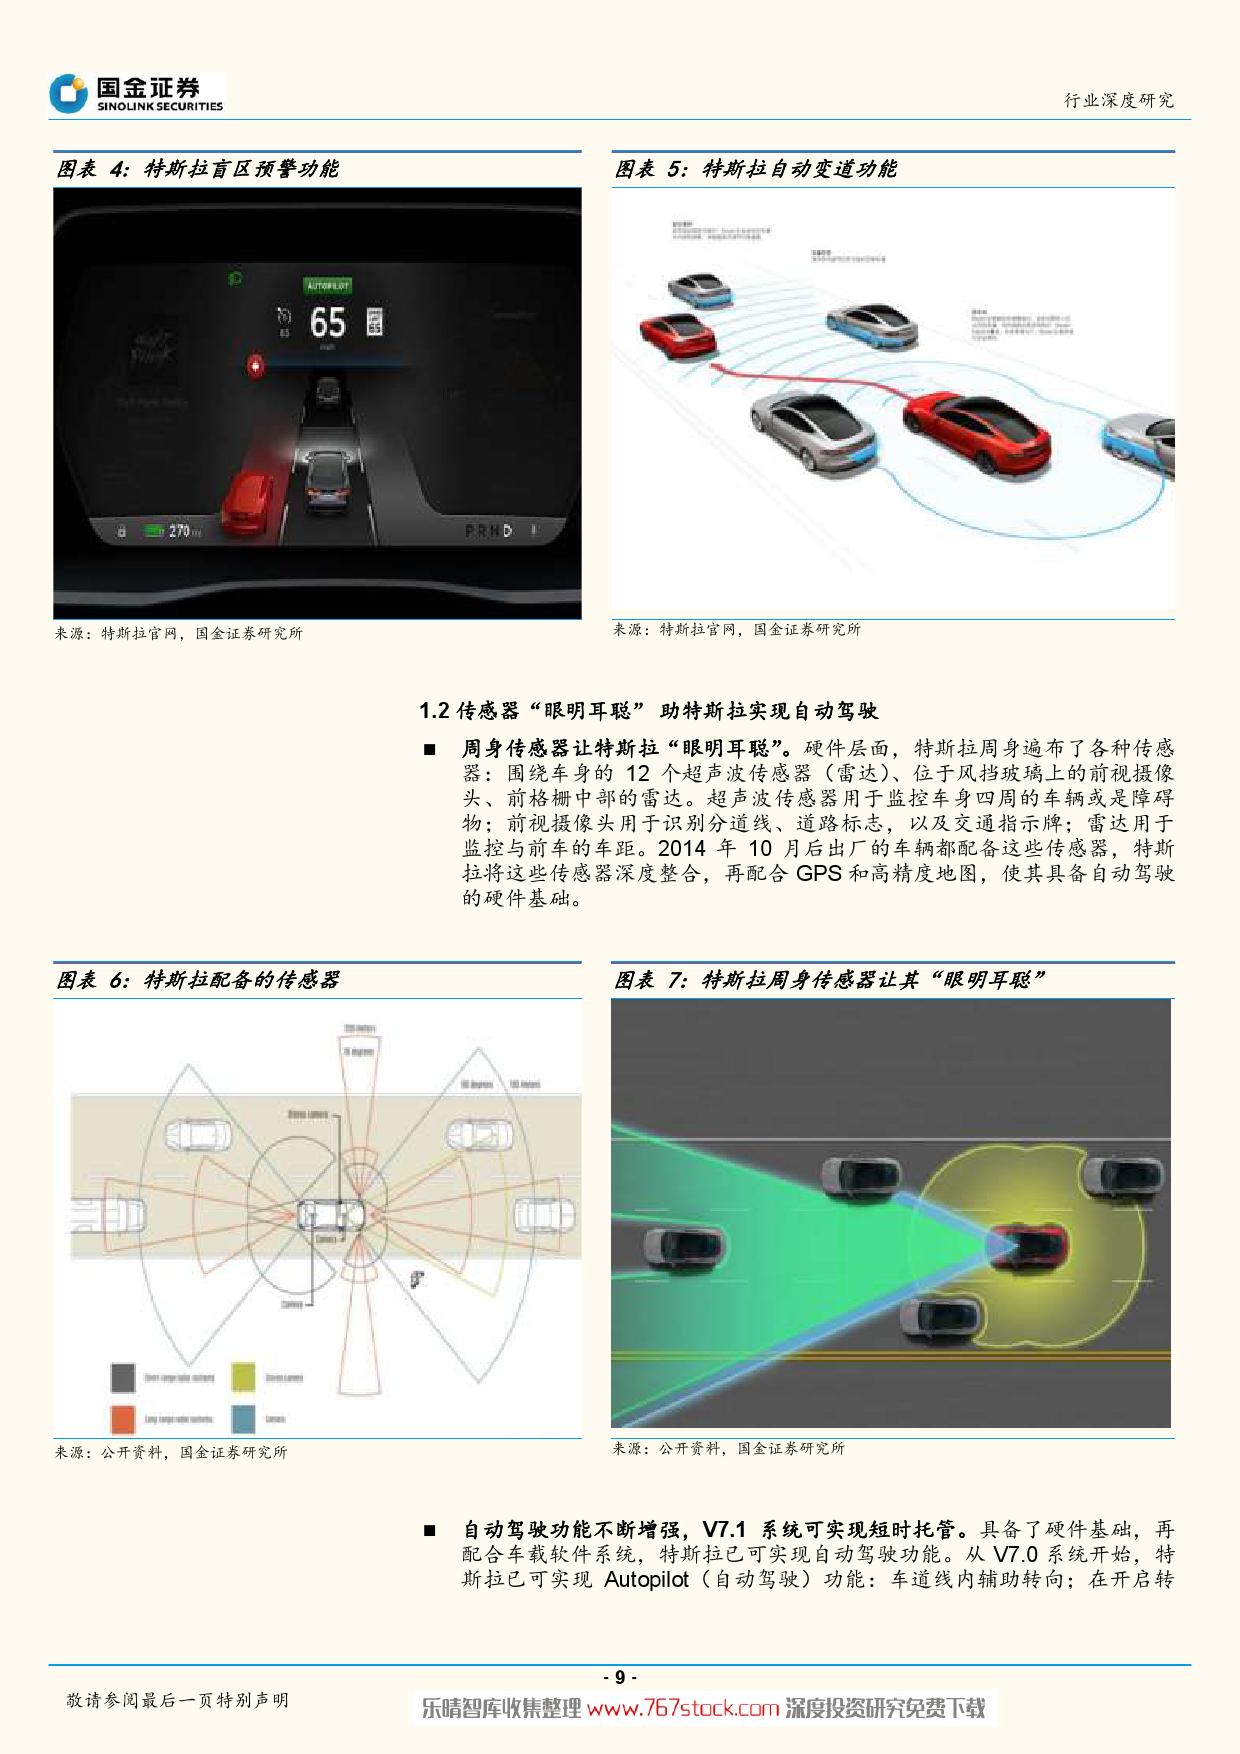 特斯拉产业系列深度报告-智能驾驶爆发在即_000009